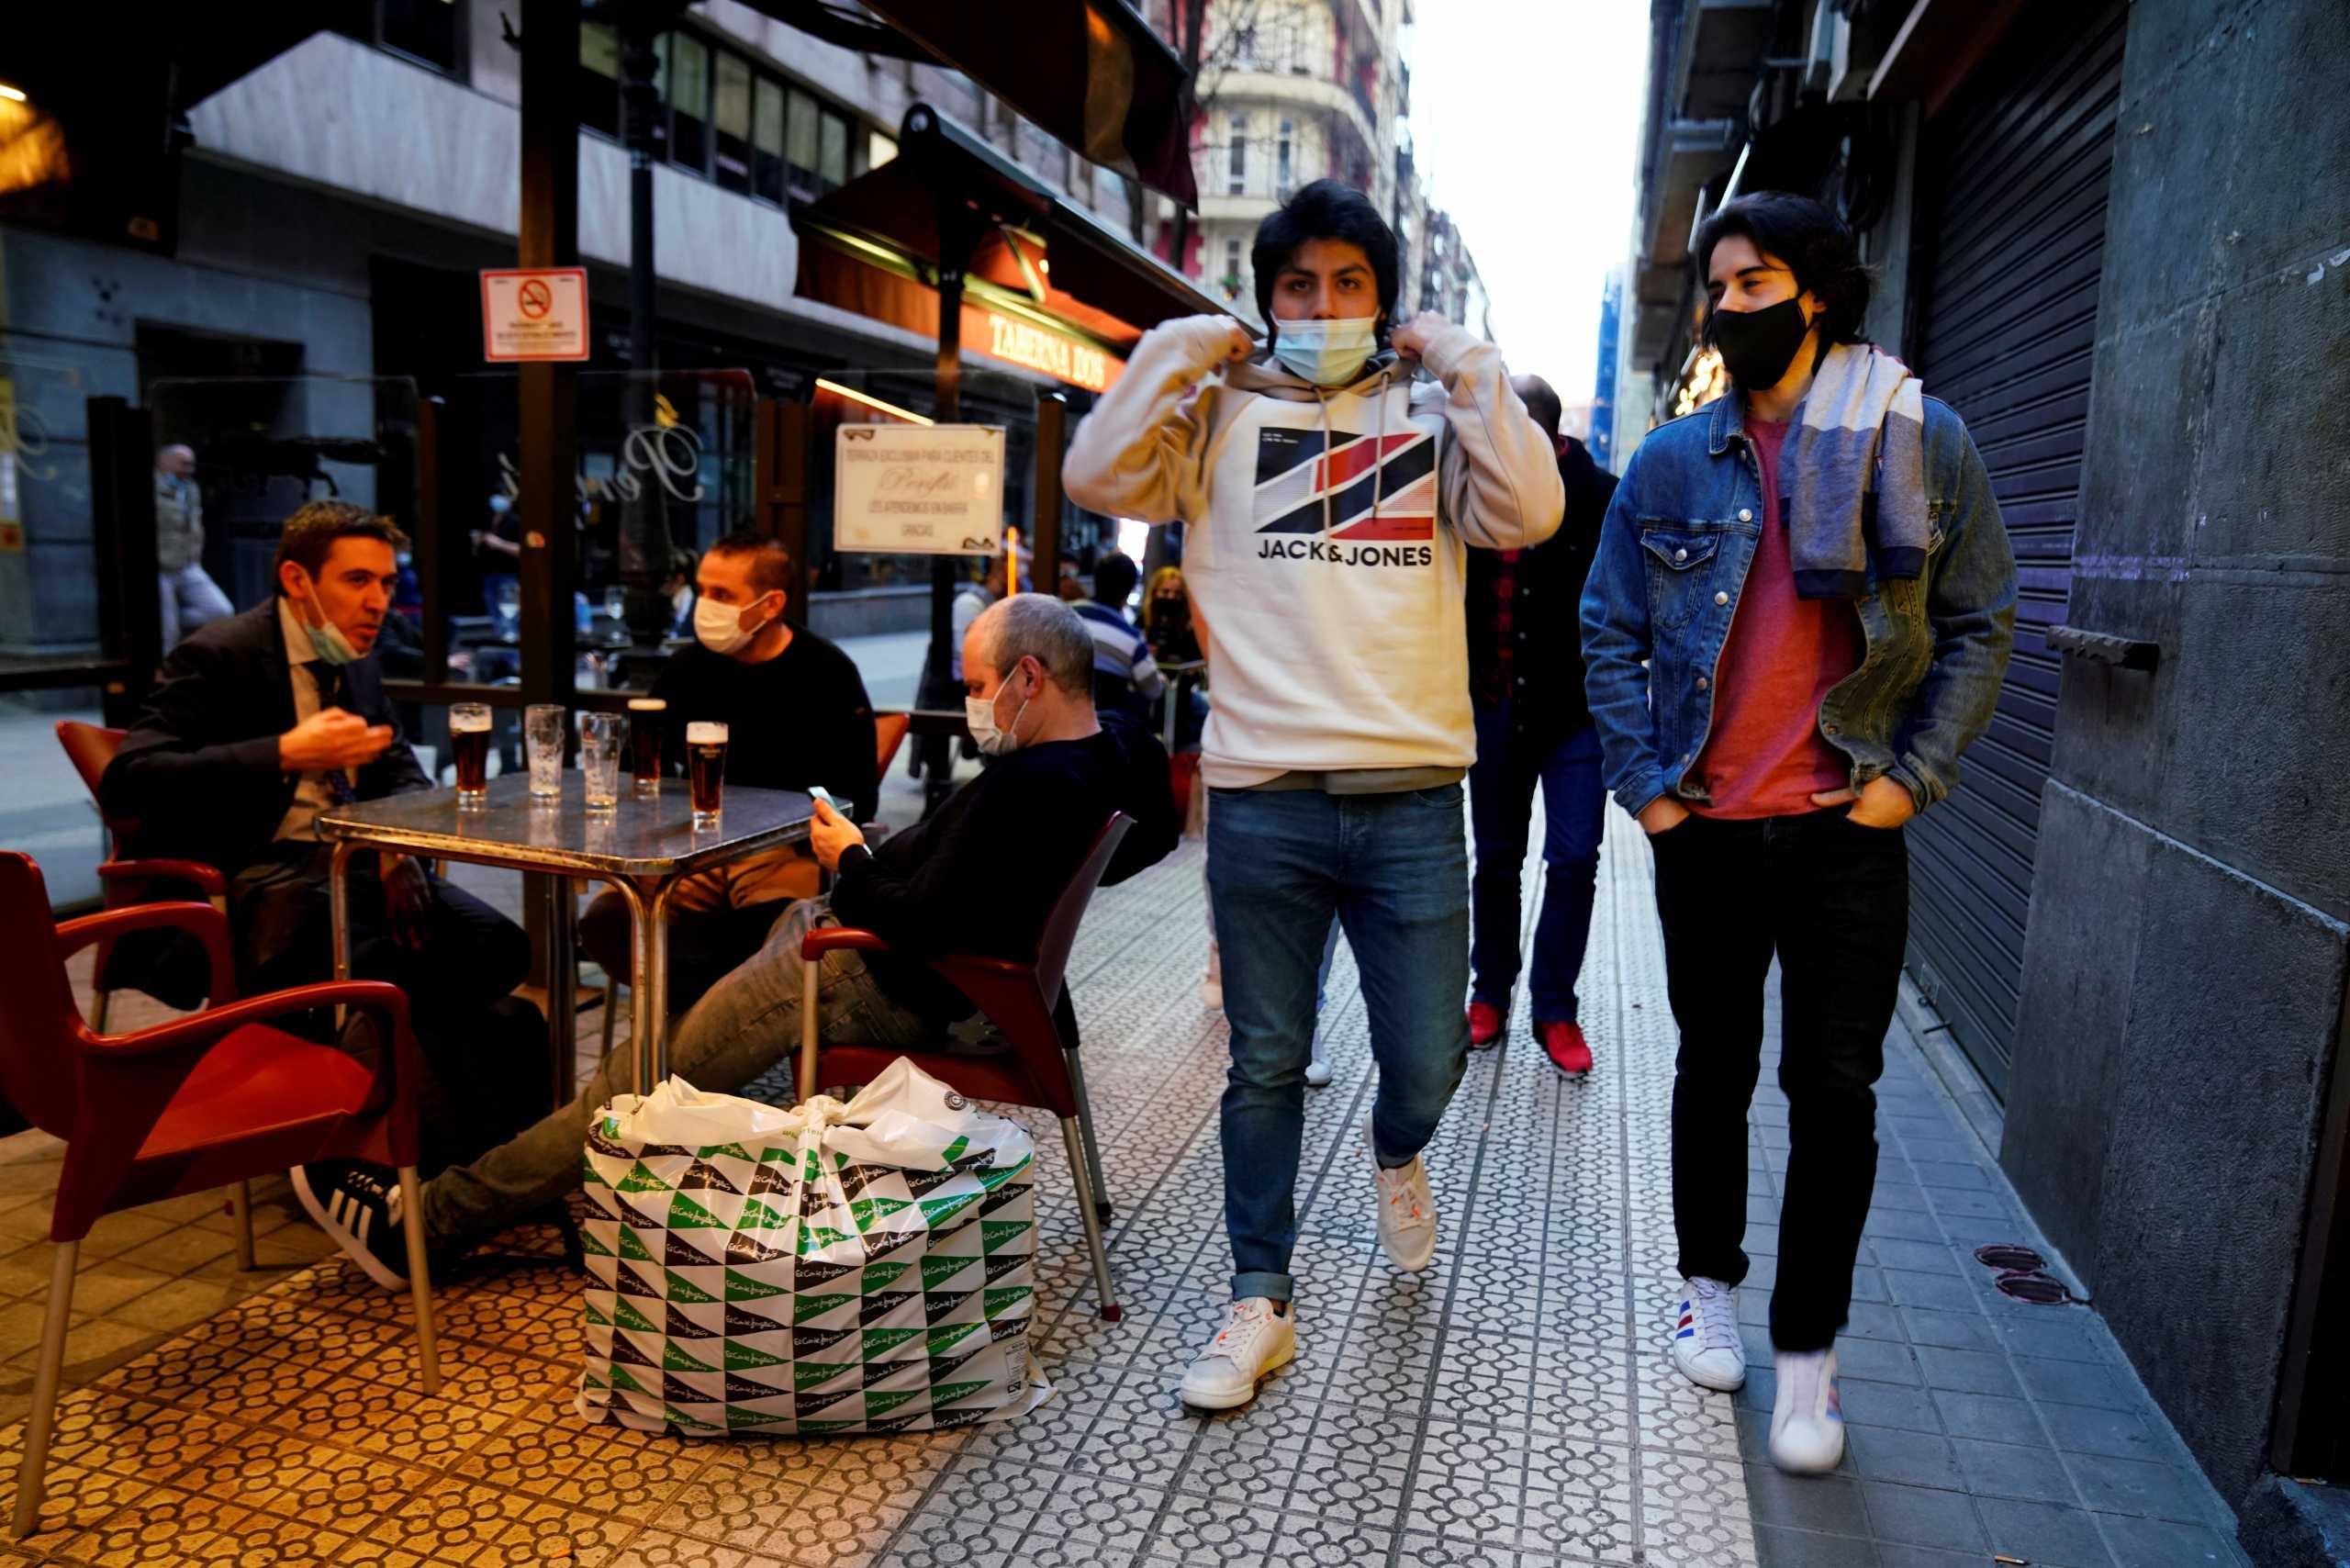 Ισπανία – κορονοϊός: Απαγόρευση κυκλοφορίας σε 30 πόλεις της Βαλένθια